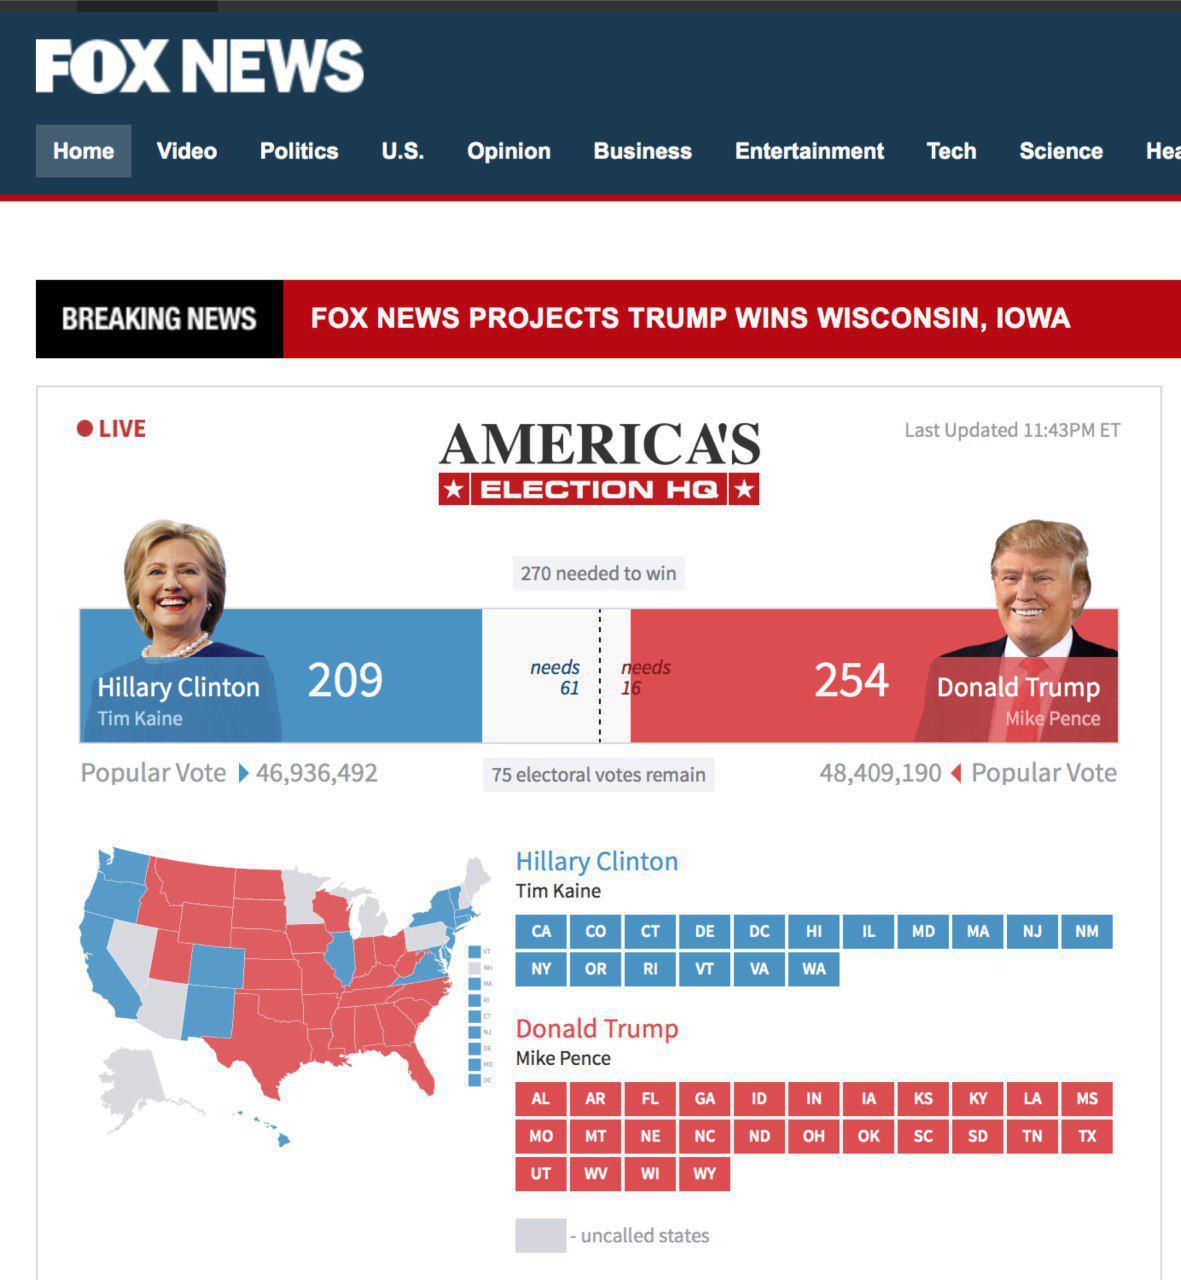 آراء الکترال ترامپ به 254 رسید؛ کلینتون 209 رای/ کمتر از 20 رای دیگر تا ورود میلیاردر نیویورکی به کاخ سفید +عکس، فیلم و آمار